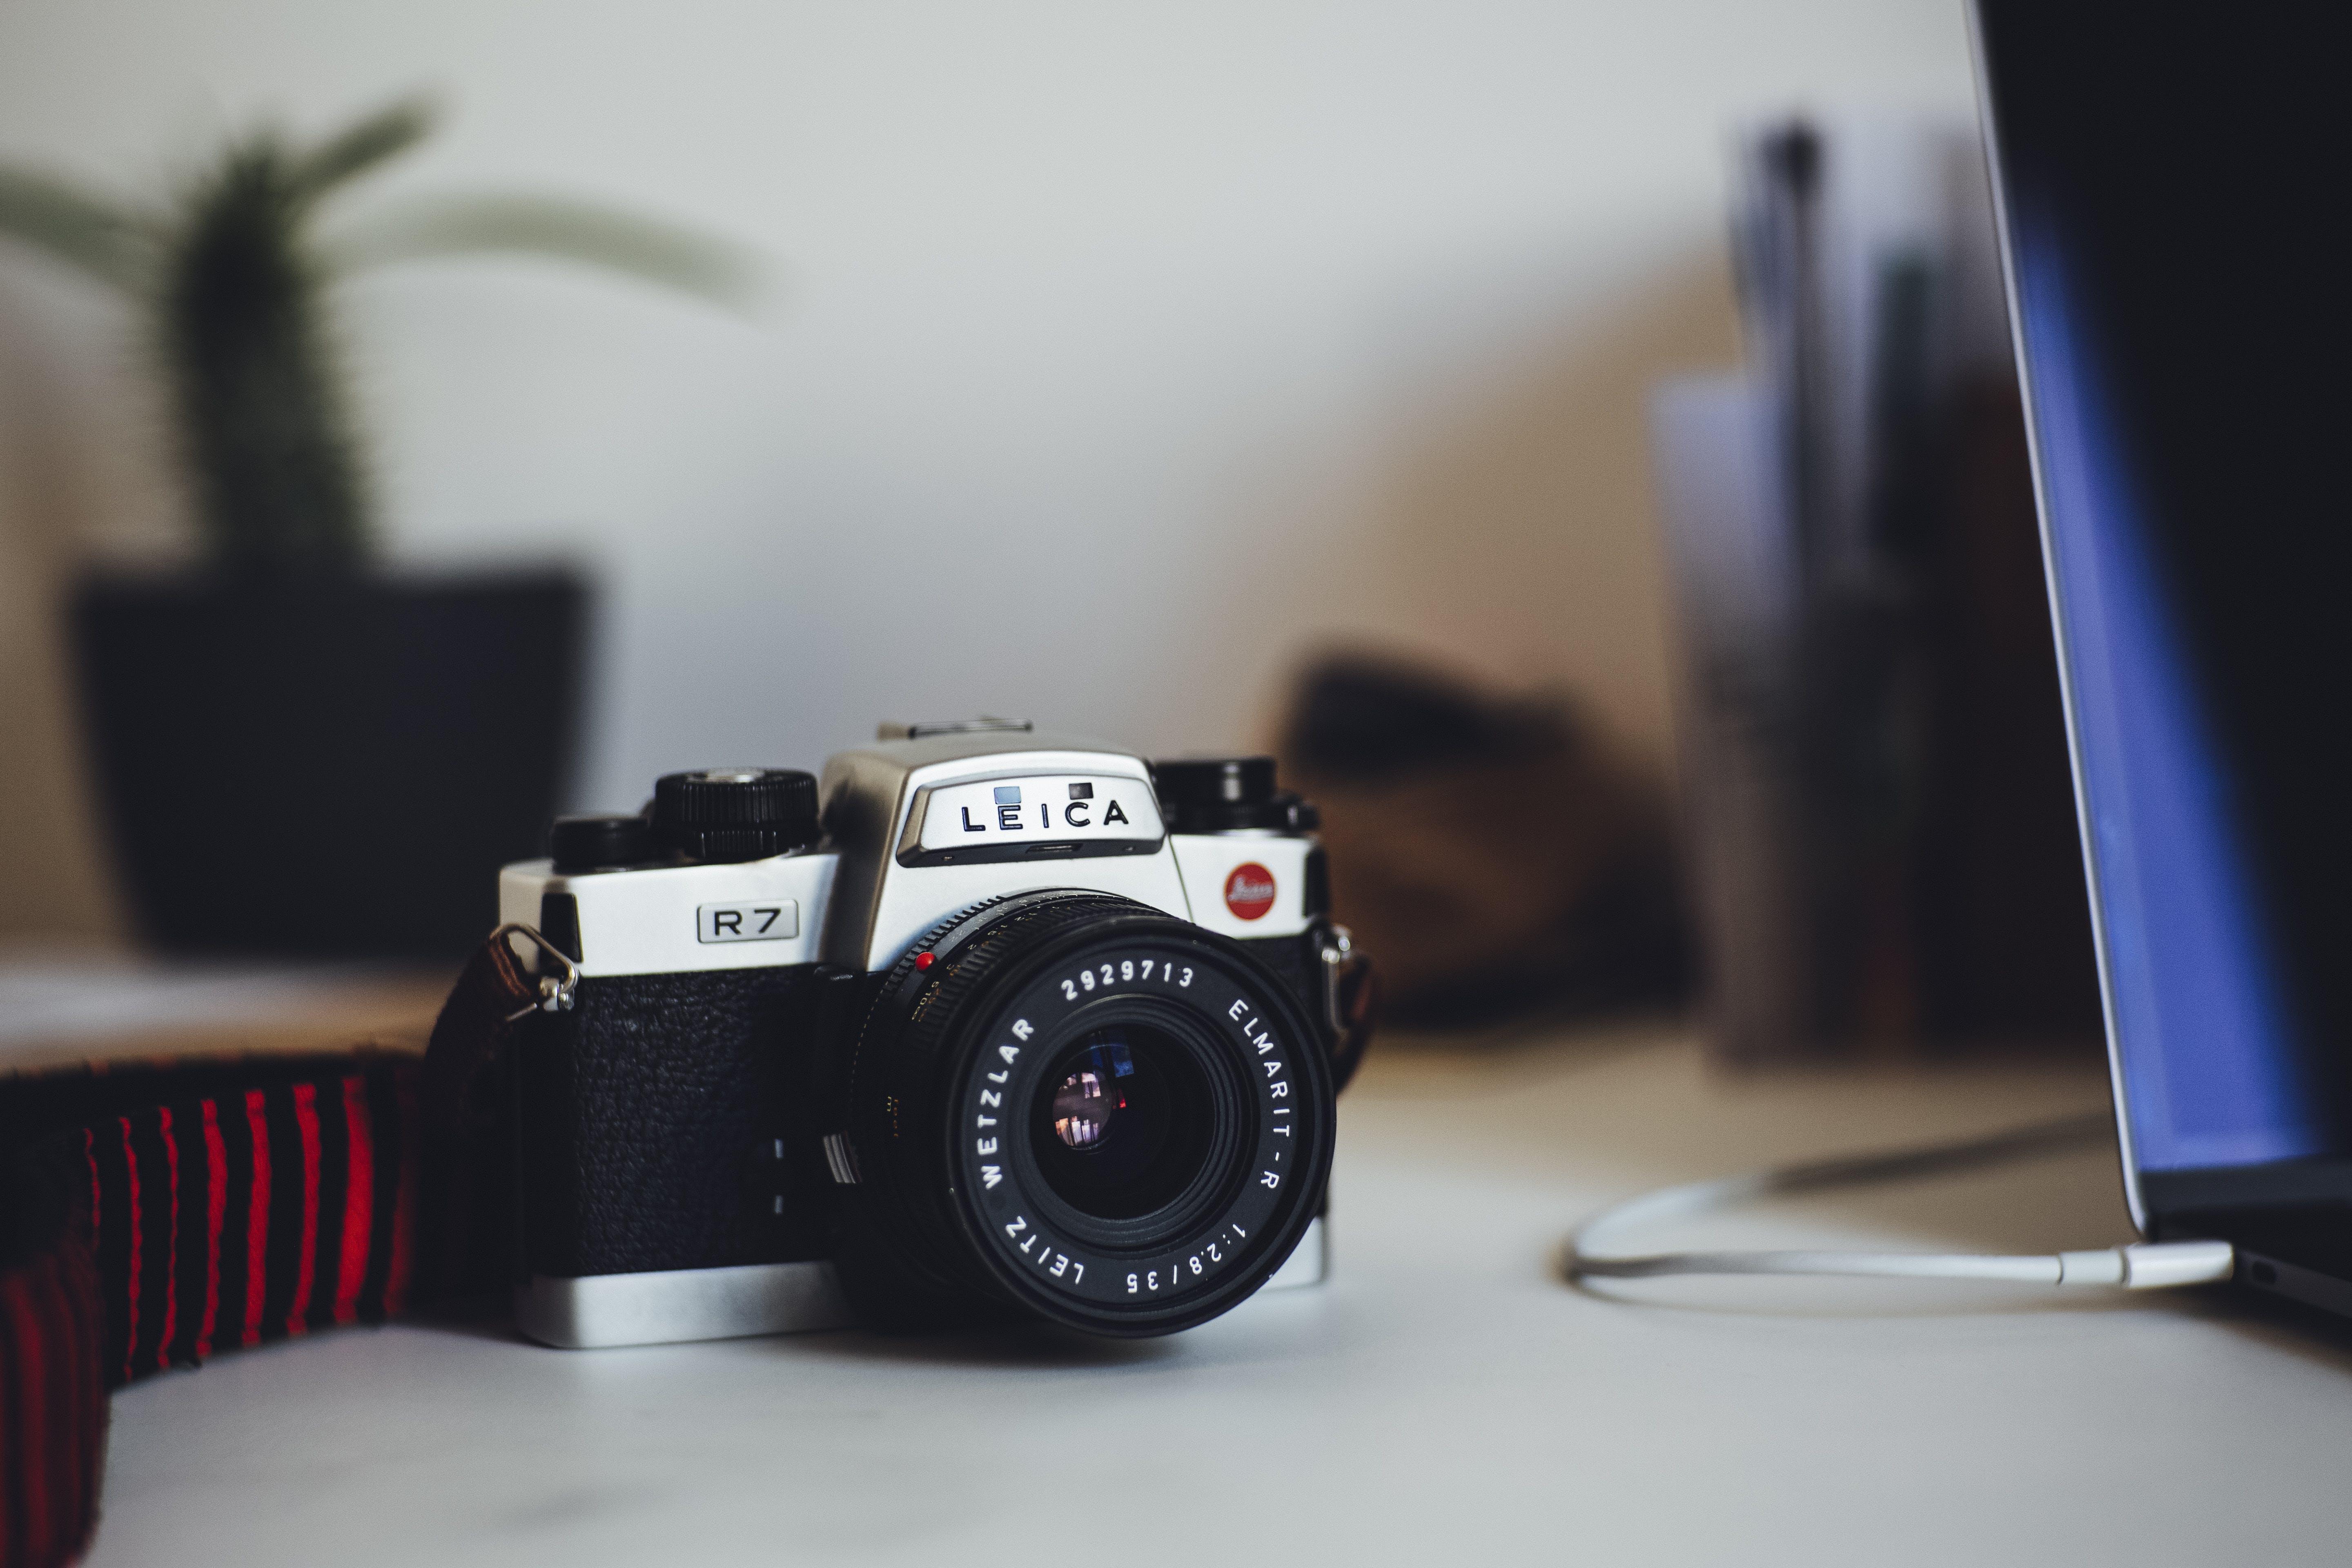 Fotos de stock gratuitas de cámara, enfoque selectivo, equipo, profundidad de campo